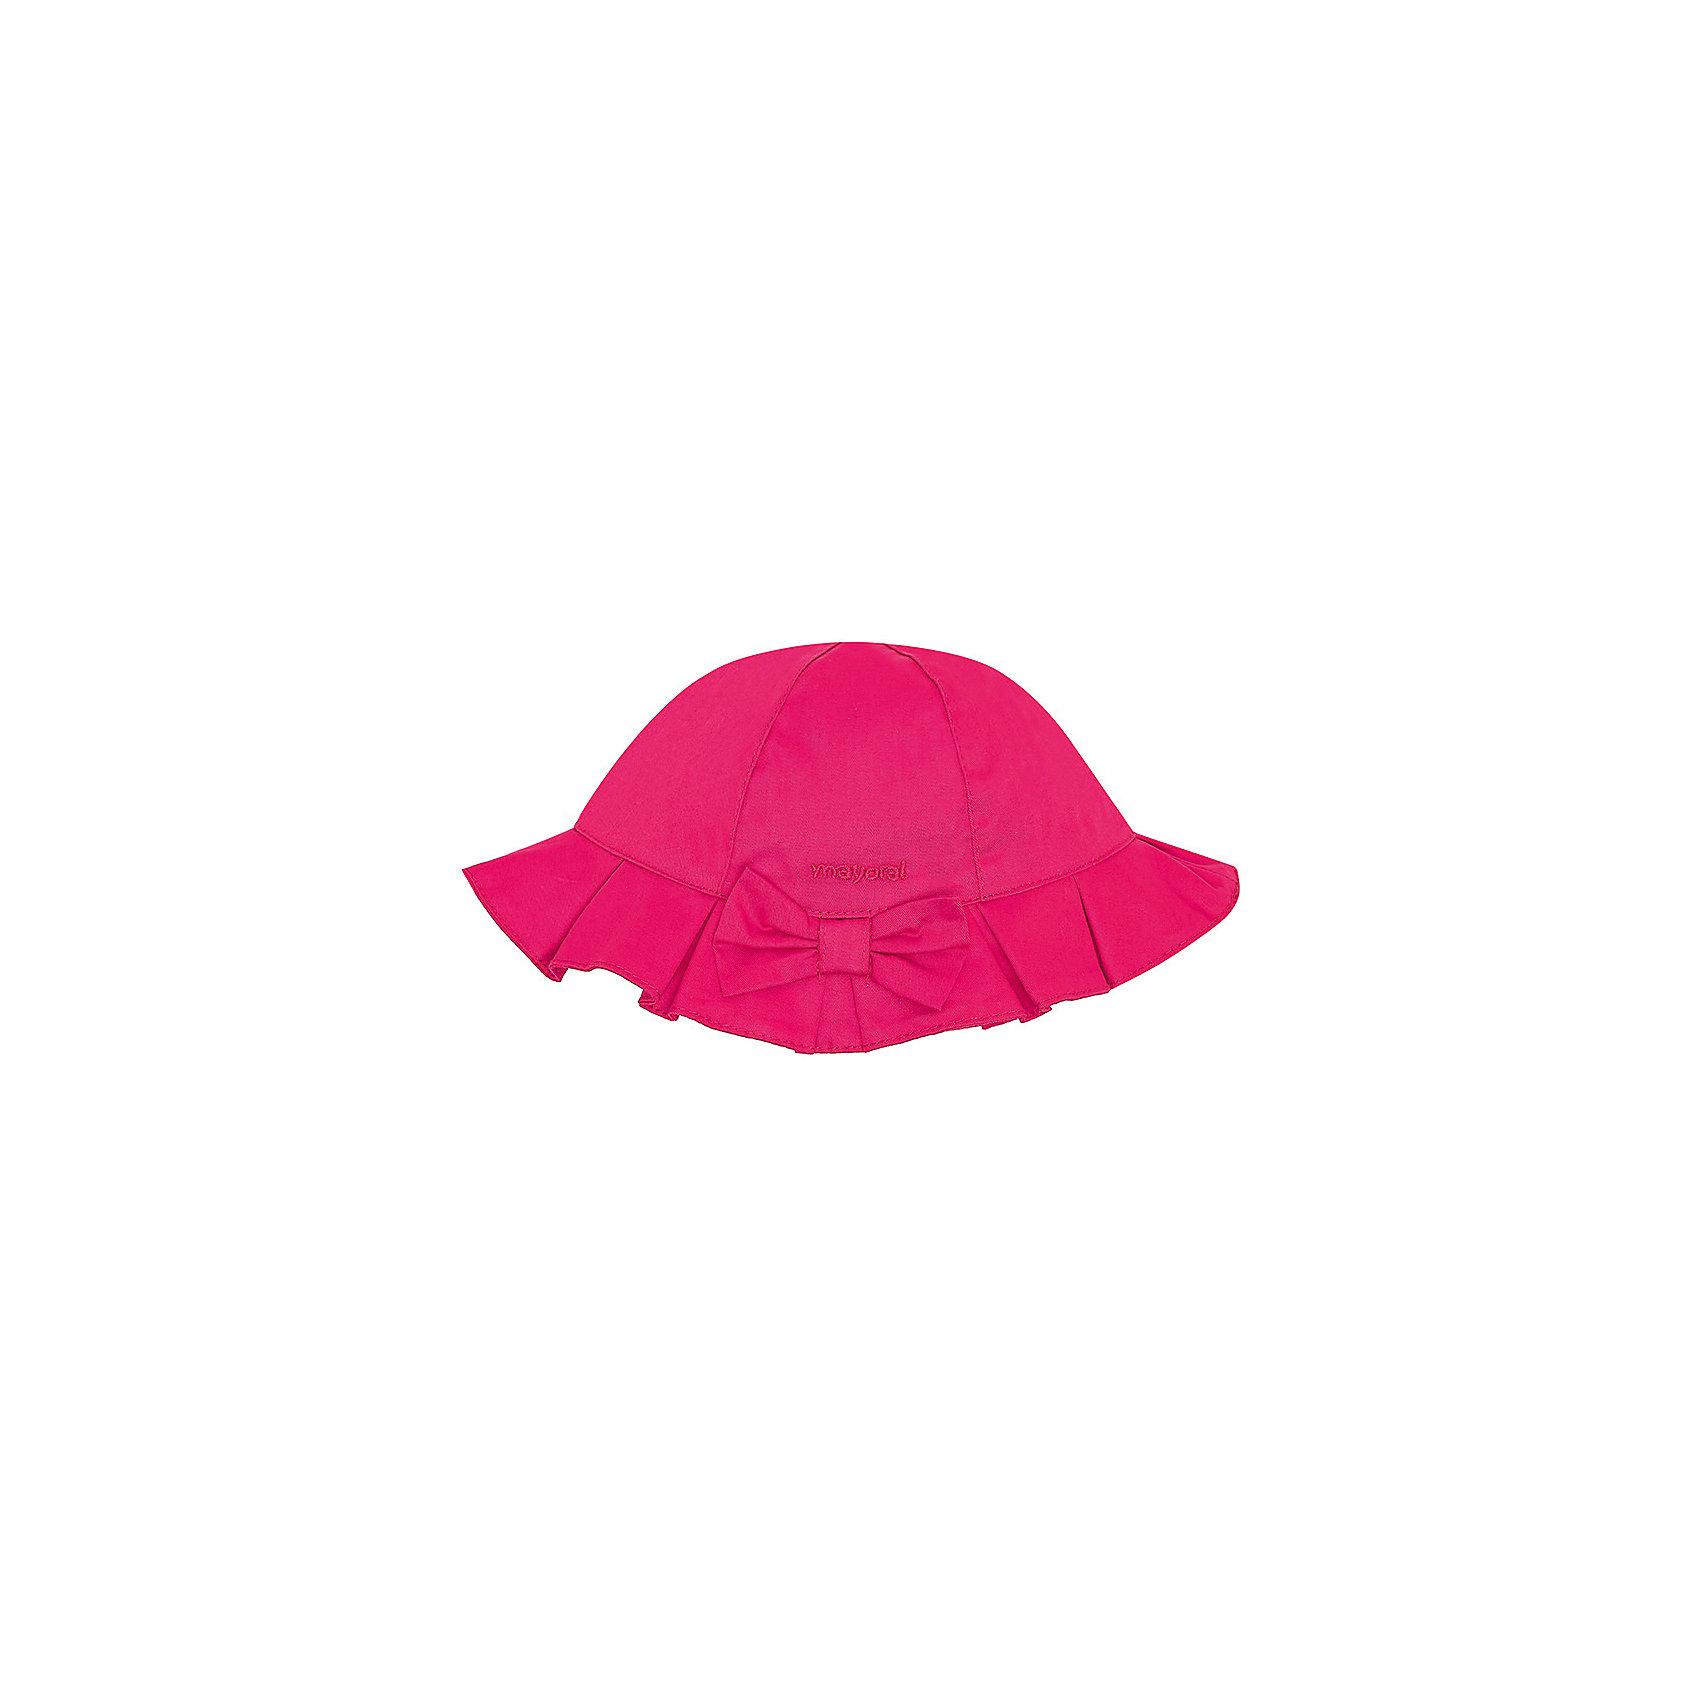 Панама для девочки MayoralШапочки<br>Панама для девочки от известной испанской марки Mayoral убережет голову ребенка от ярких солнечных лучей и  добавит образу юной модницы очарование и шарм.<br><br>Дополнительная информация:<br><br>- Декоративный бант спереди.<br>- Вышивка с логотипом бренда. <br>- Состав: верх - 100% хлопок; подкладка - 65% полиэстер, 35% хлопок. <br><br><br>Панаму для девочки Mayoral (Майорал) можно купить в нашем магазине.<br><br>Ширина мм: 89<br>Глубина мм: 117<br>Высота мм: 44<br>Вес г: 155<br>Цвет: красный<br>Возраст от месяцев: 12<br>Возраст до месяцев: 18<br>Пол: Женский<br>Возраст: Детский<br>Размер: 48,50,46<br>SKU: 4539066